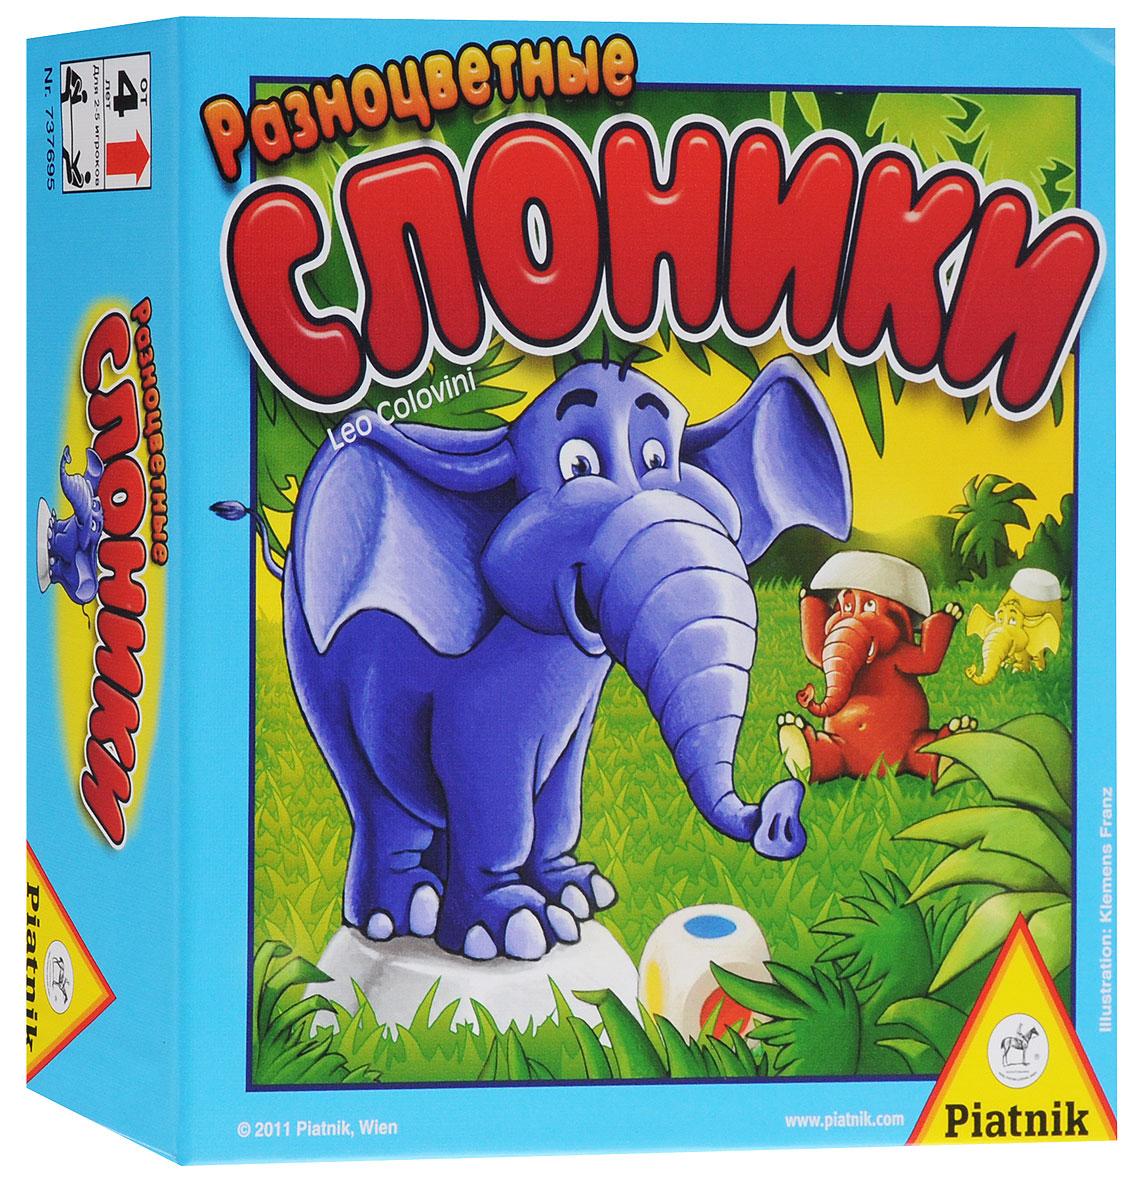 Piatnik Настольная игра Разноцветные слоники737695Настольная игра Piatnik Разноцветные слоники займет внимание вашего ребенка надолго. Начинает игру самый младший игрок, очередь хода передается по часовой стрелке. Первый игрок бросает кубик. Цвет, который выпал на кубике, указывает, слоника какого цвета необходимо найти. Вполне возможно, что у игрока выпадает цвет на кубике, про который уже известно, что слоника этого цвета нет под колпачками. Несмотря на это, необходимо поднять один из колпачков и затем спрятать слоника с цветом, который выпал, под одним из своих колпачков. Побеждает тот, кто нашел пять слоников и положил их перед собой. Также игра заканчивается в том случае, если все игроки, кроме одного, выбыли из игры. В этом случае победителем игры является этот оставшийся игрок. В набор игры входит: 42 слоника, 22 колпачка, листок с наклейками, кубик, правила игры на русском языке. Продолжительность игры: 10 минут.